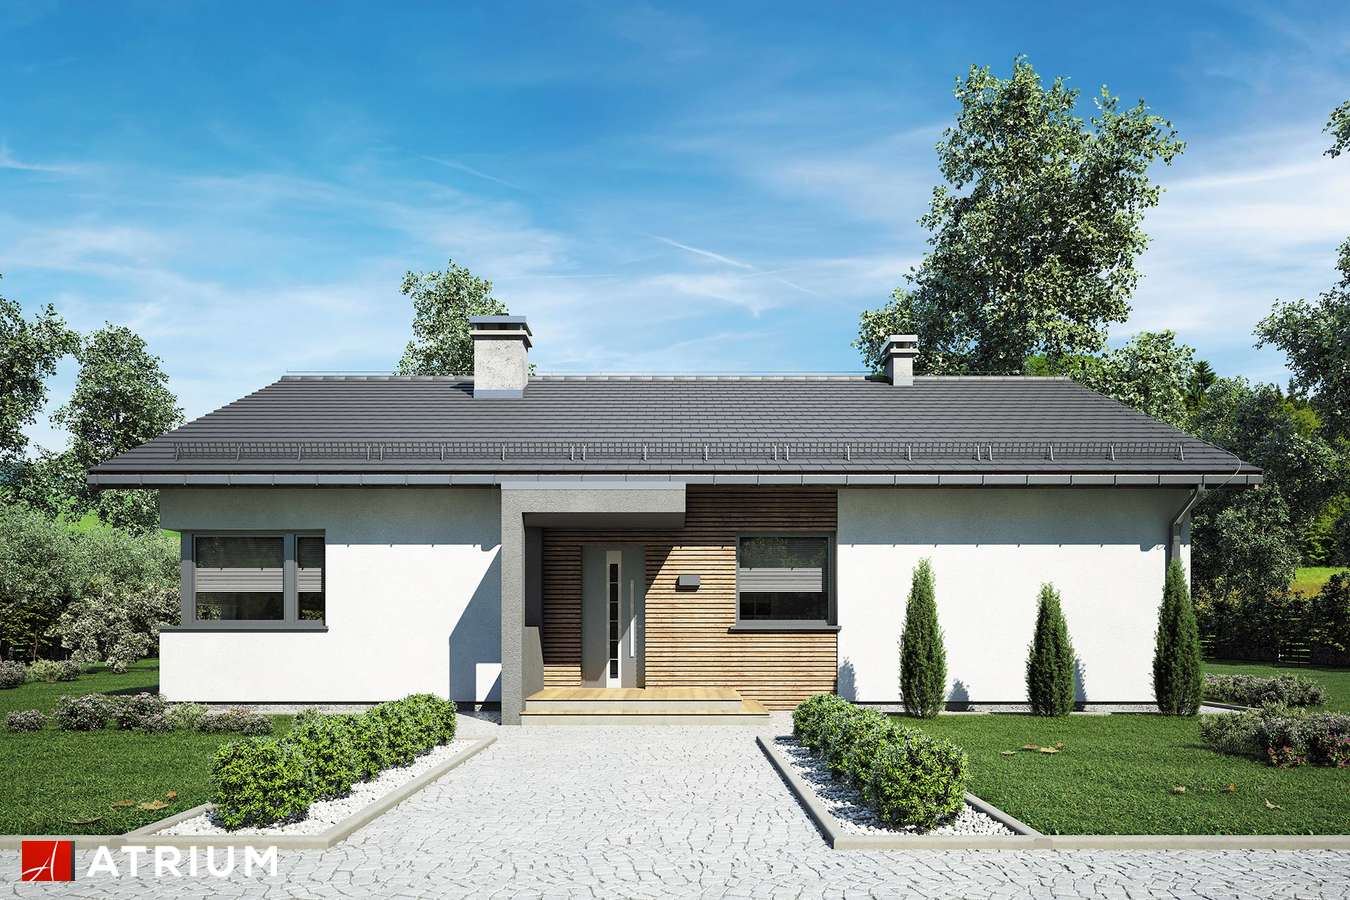 Projekty domów - Projekt domu parterowego MINORKA - wizualizacja 2 - wersja lustrzana